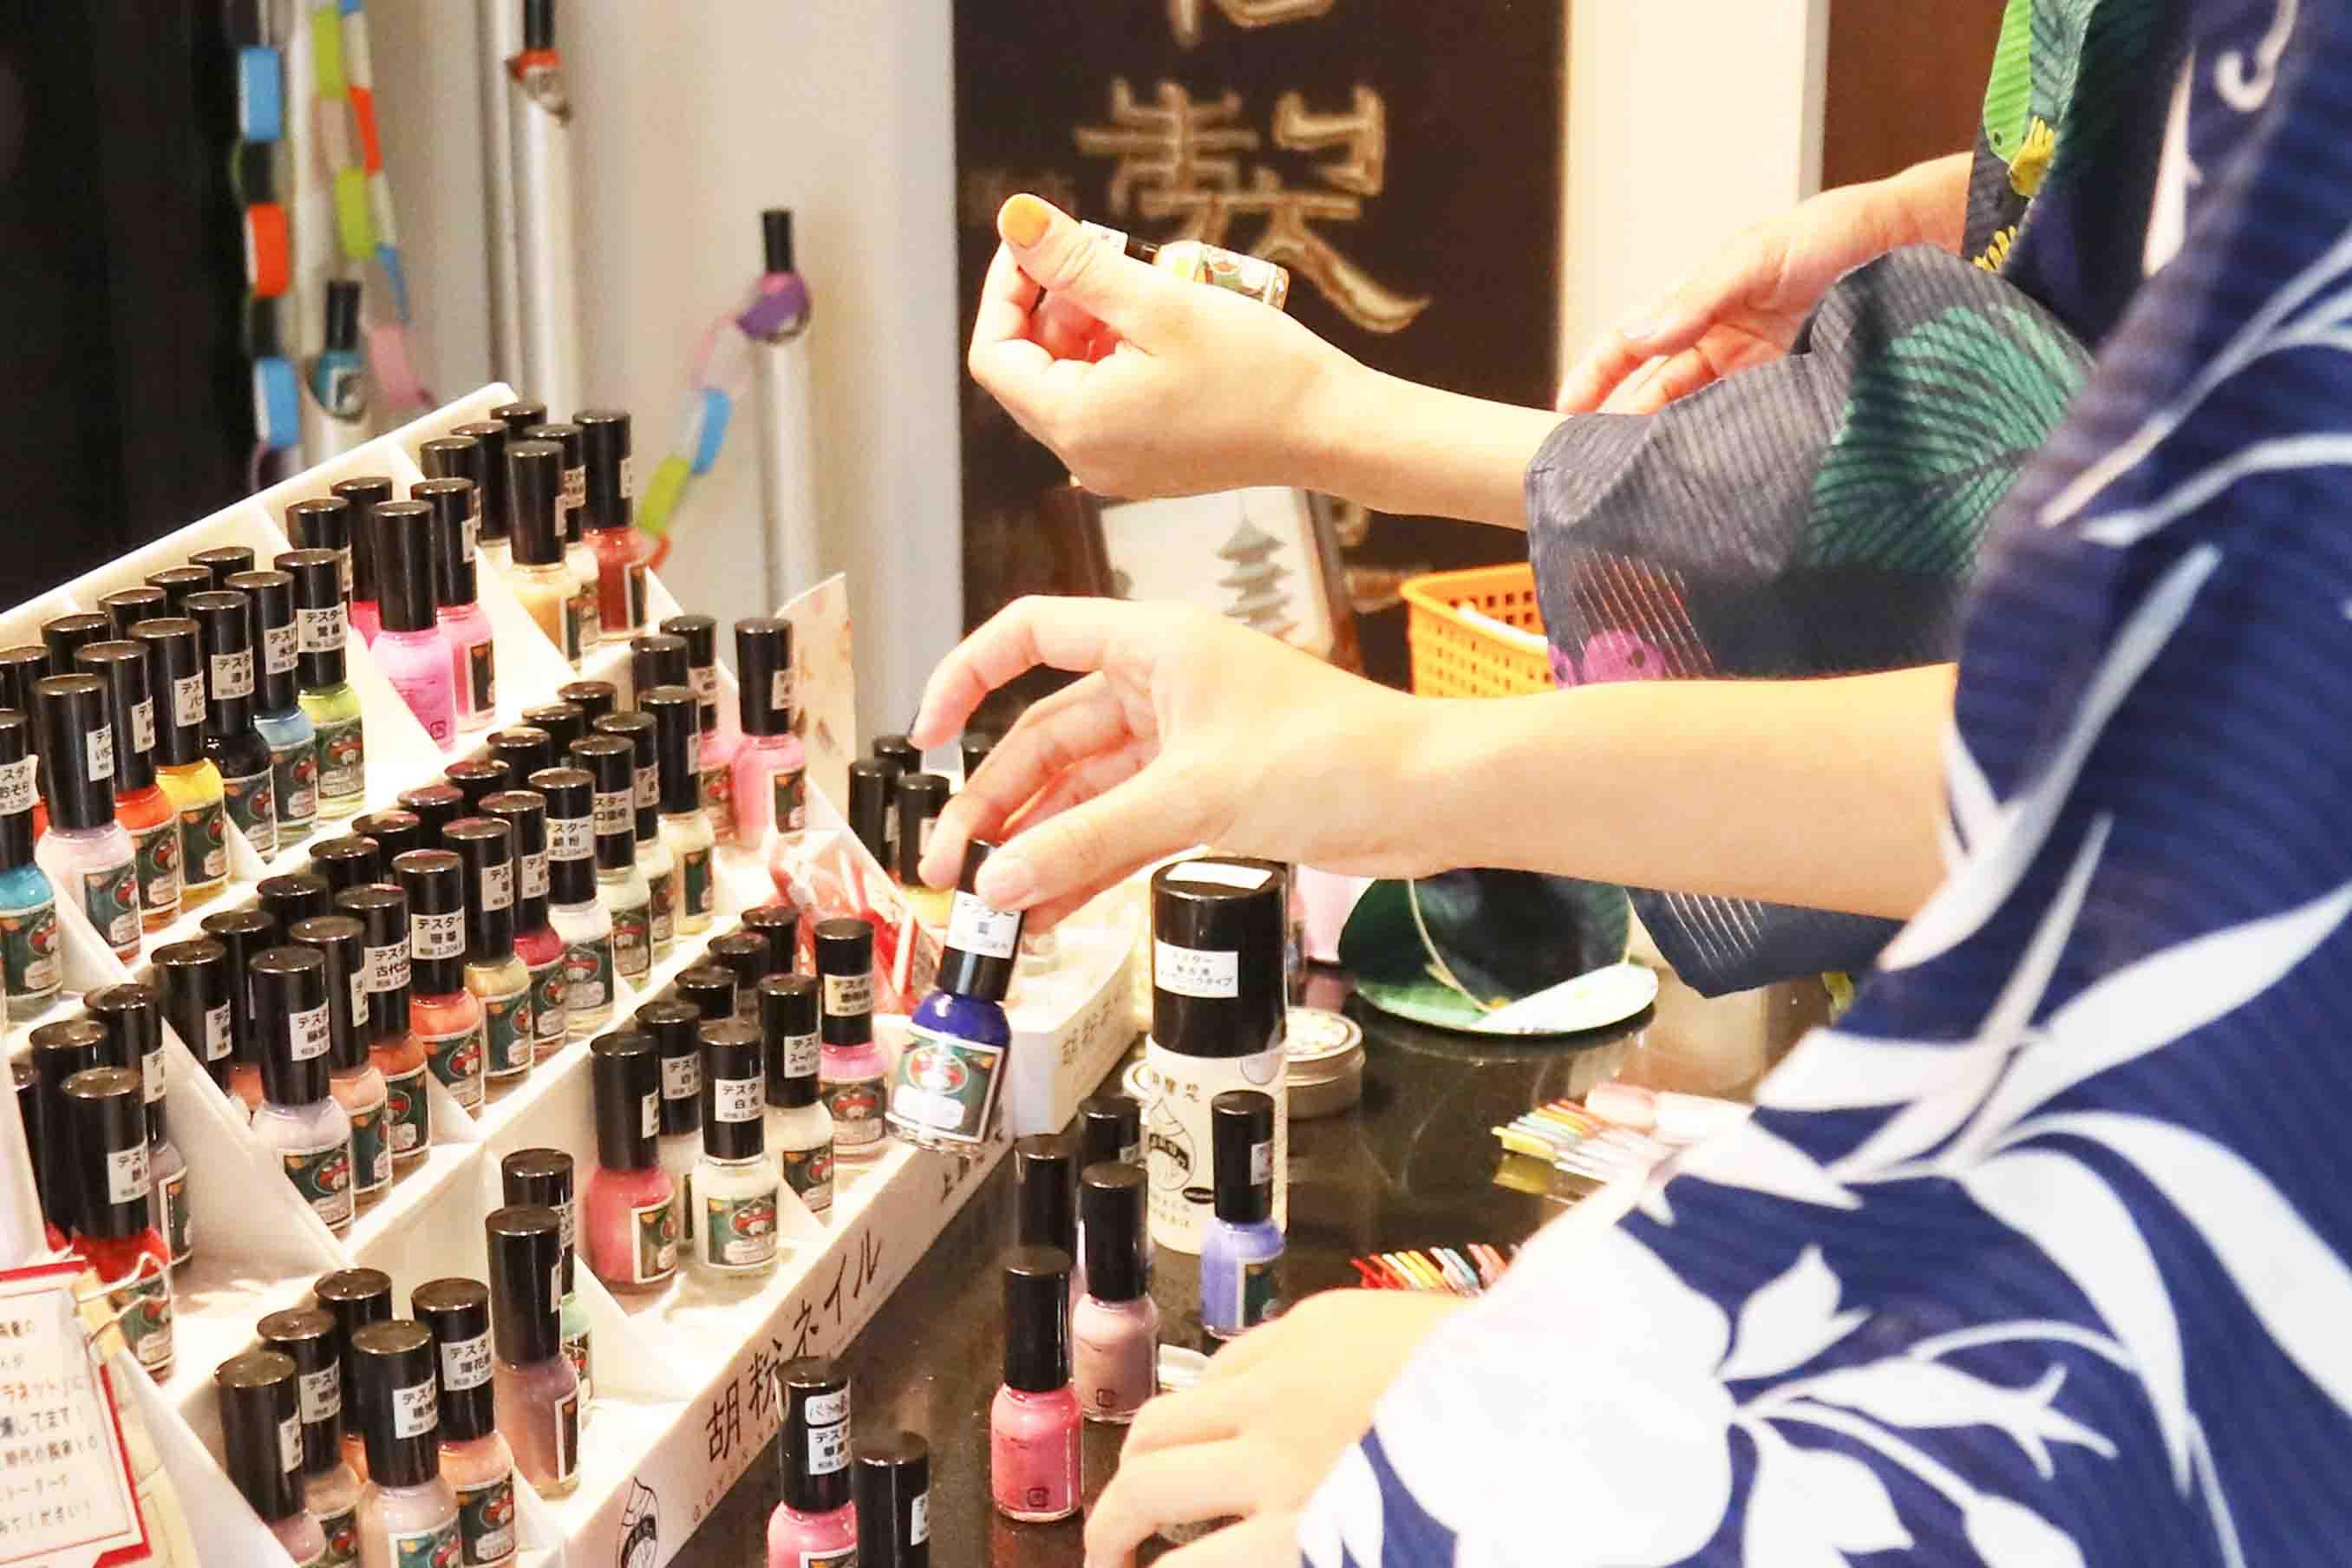 店内では、色とりどりの胡粉ネイルのテスターが並び女性客で賑わっていました